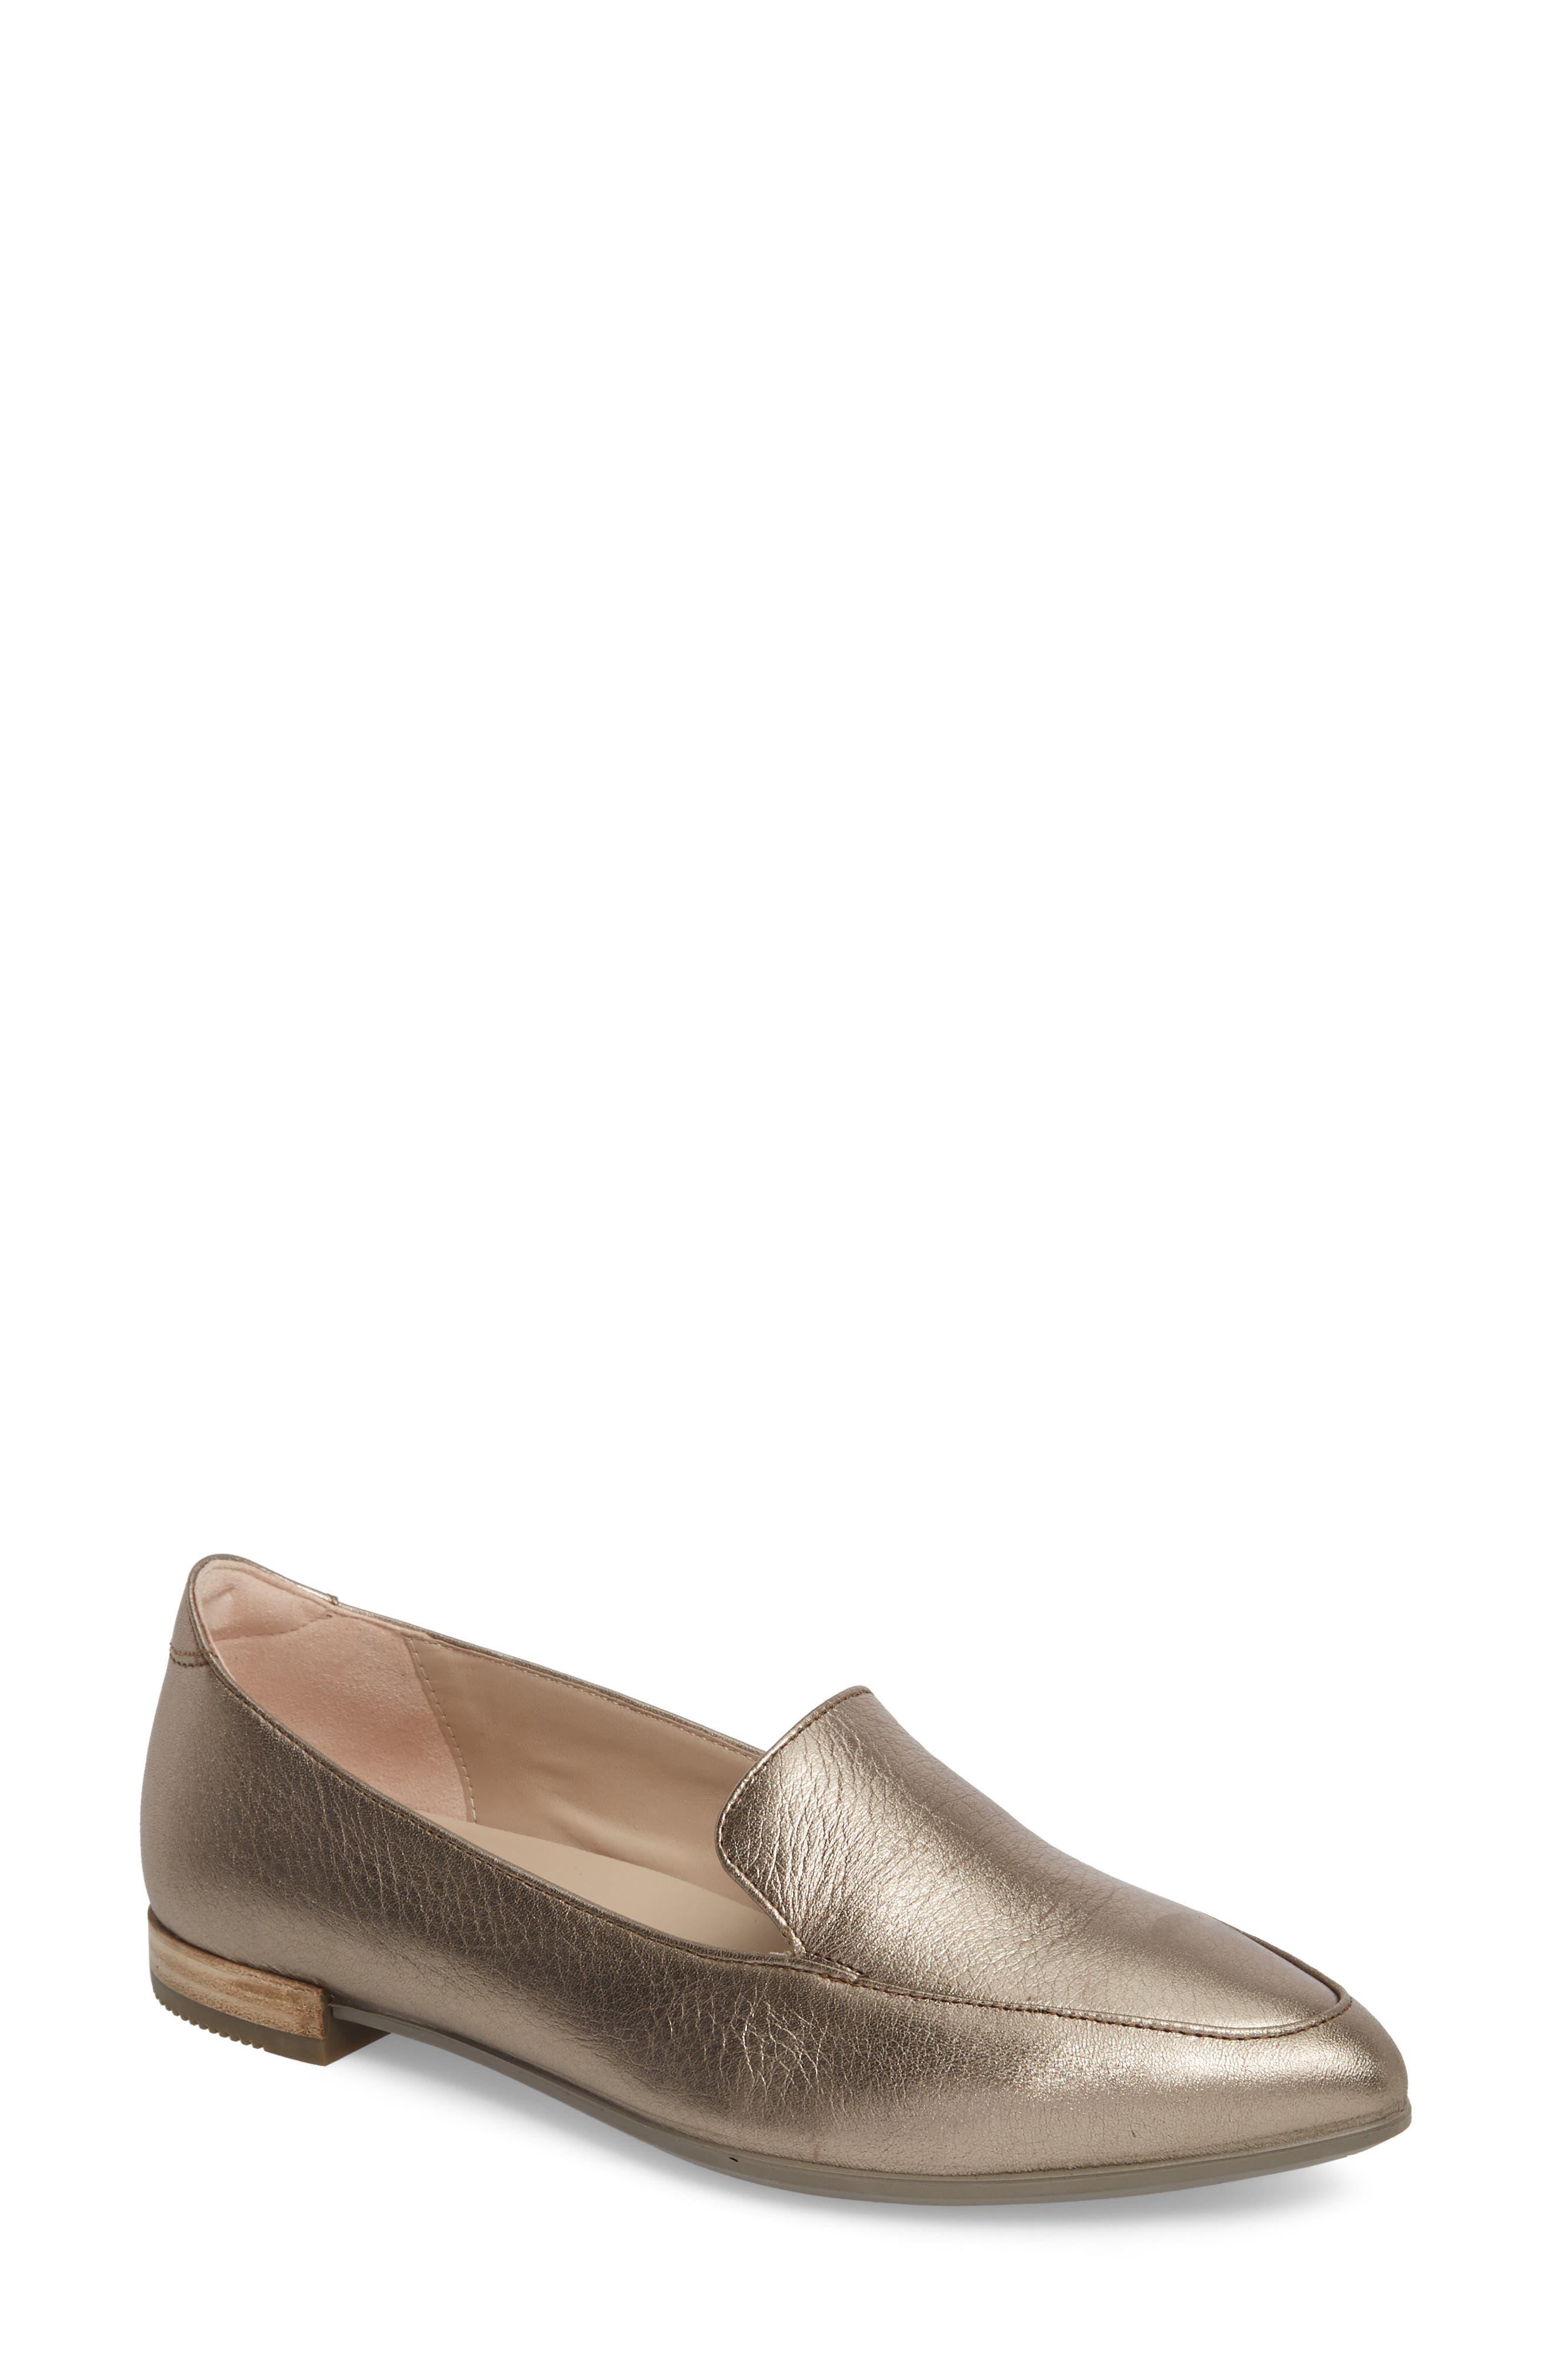 ECCO Shape Pointy Ballerina II Flat (Women)